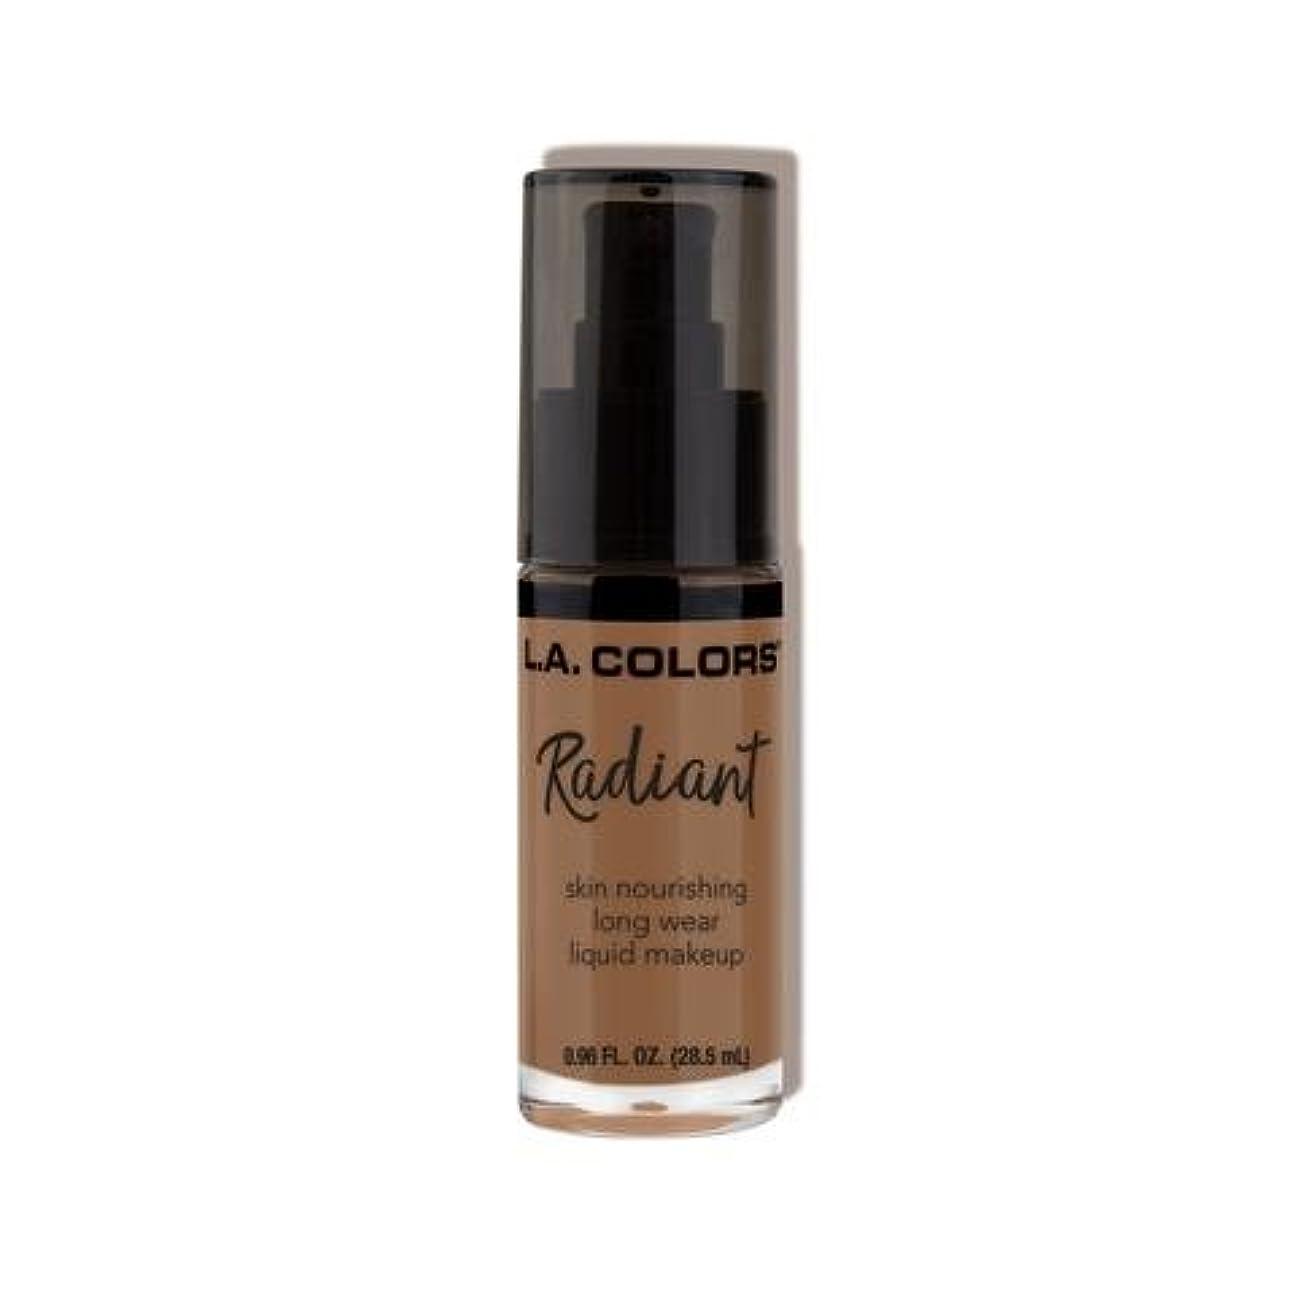 調停する幻影お手伝いさん(6 Pack) L.A. COLORS Radiant Liquid Makeup - Mocha (並行輸入品)